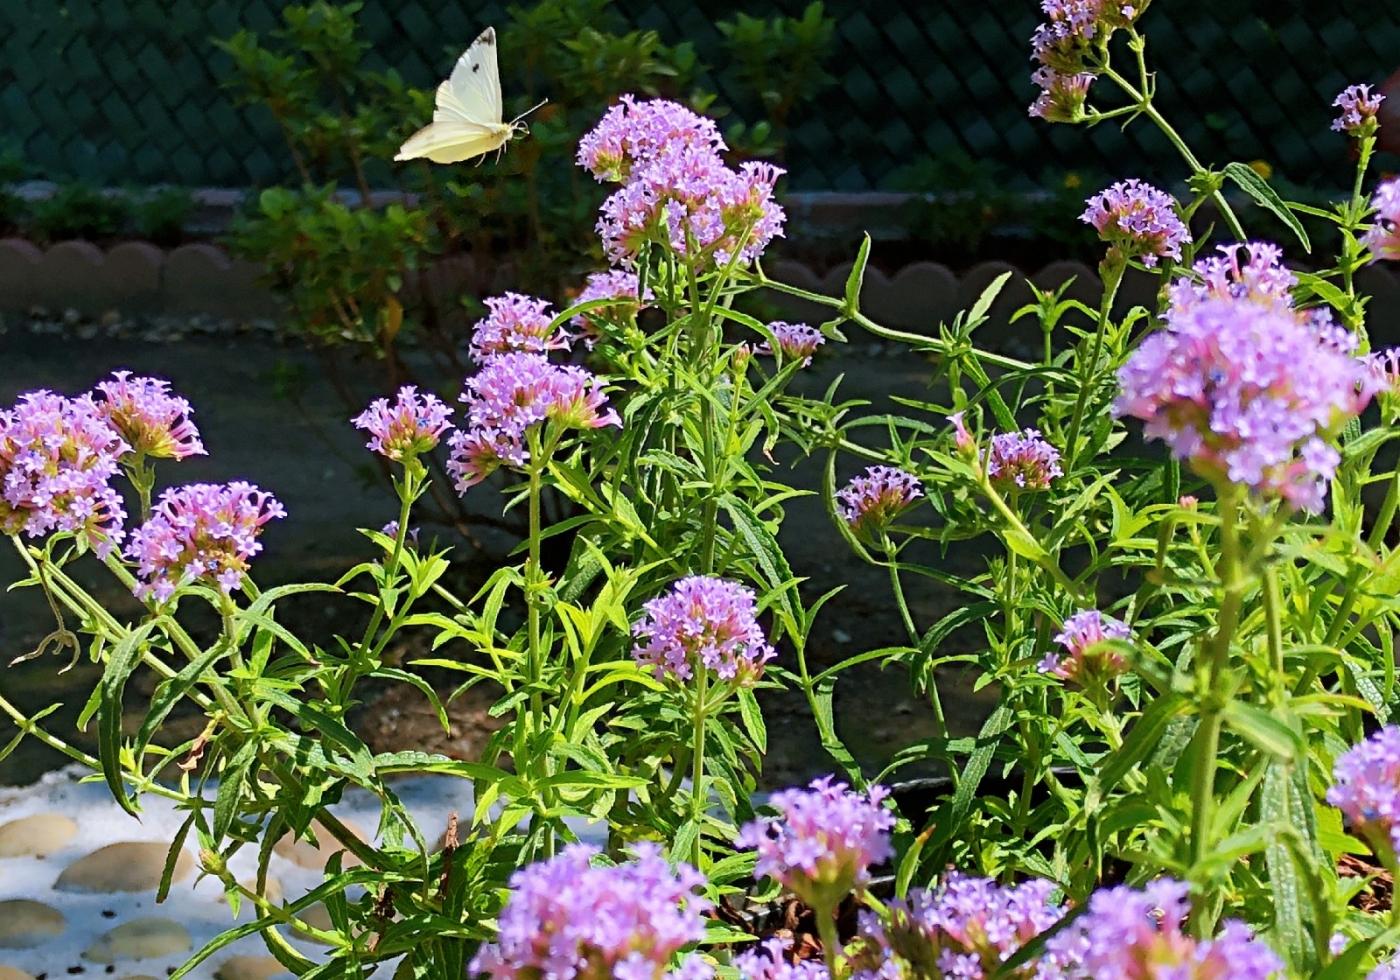 【田螺随拍】我种了马鞭草蝴蝶就来了_图1-13